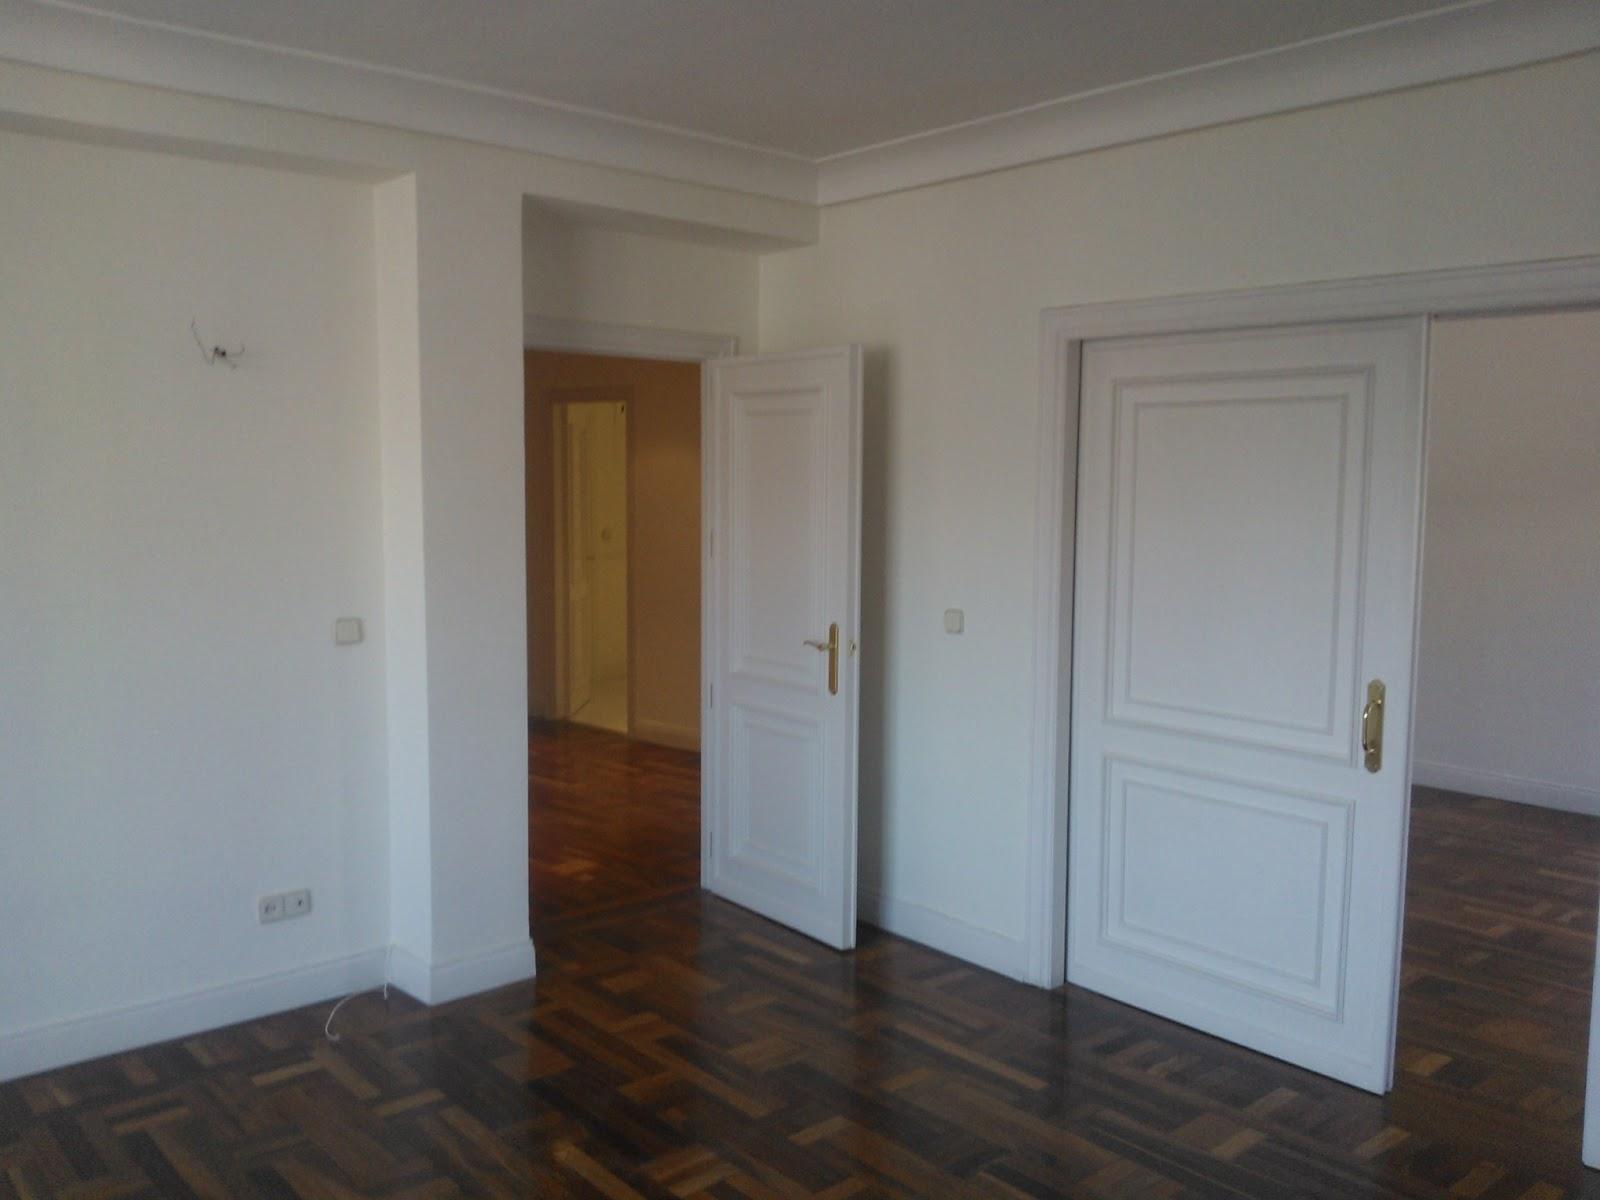 Mondecor s l piso pintado en pintura plastica blanca for Pintura satinada blanca para puertas